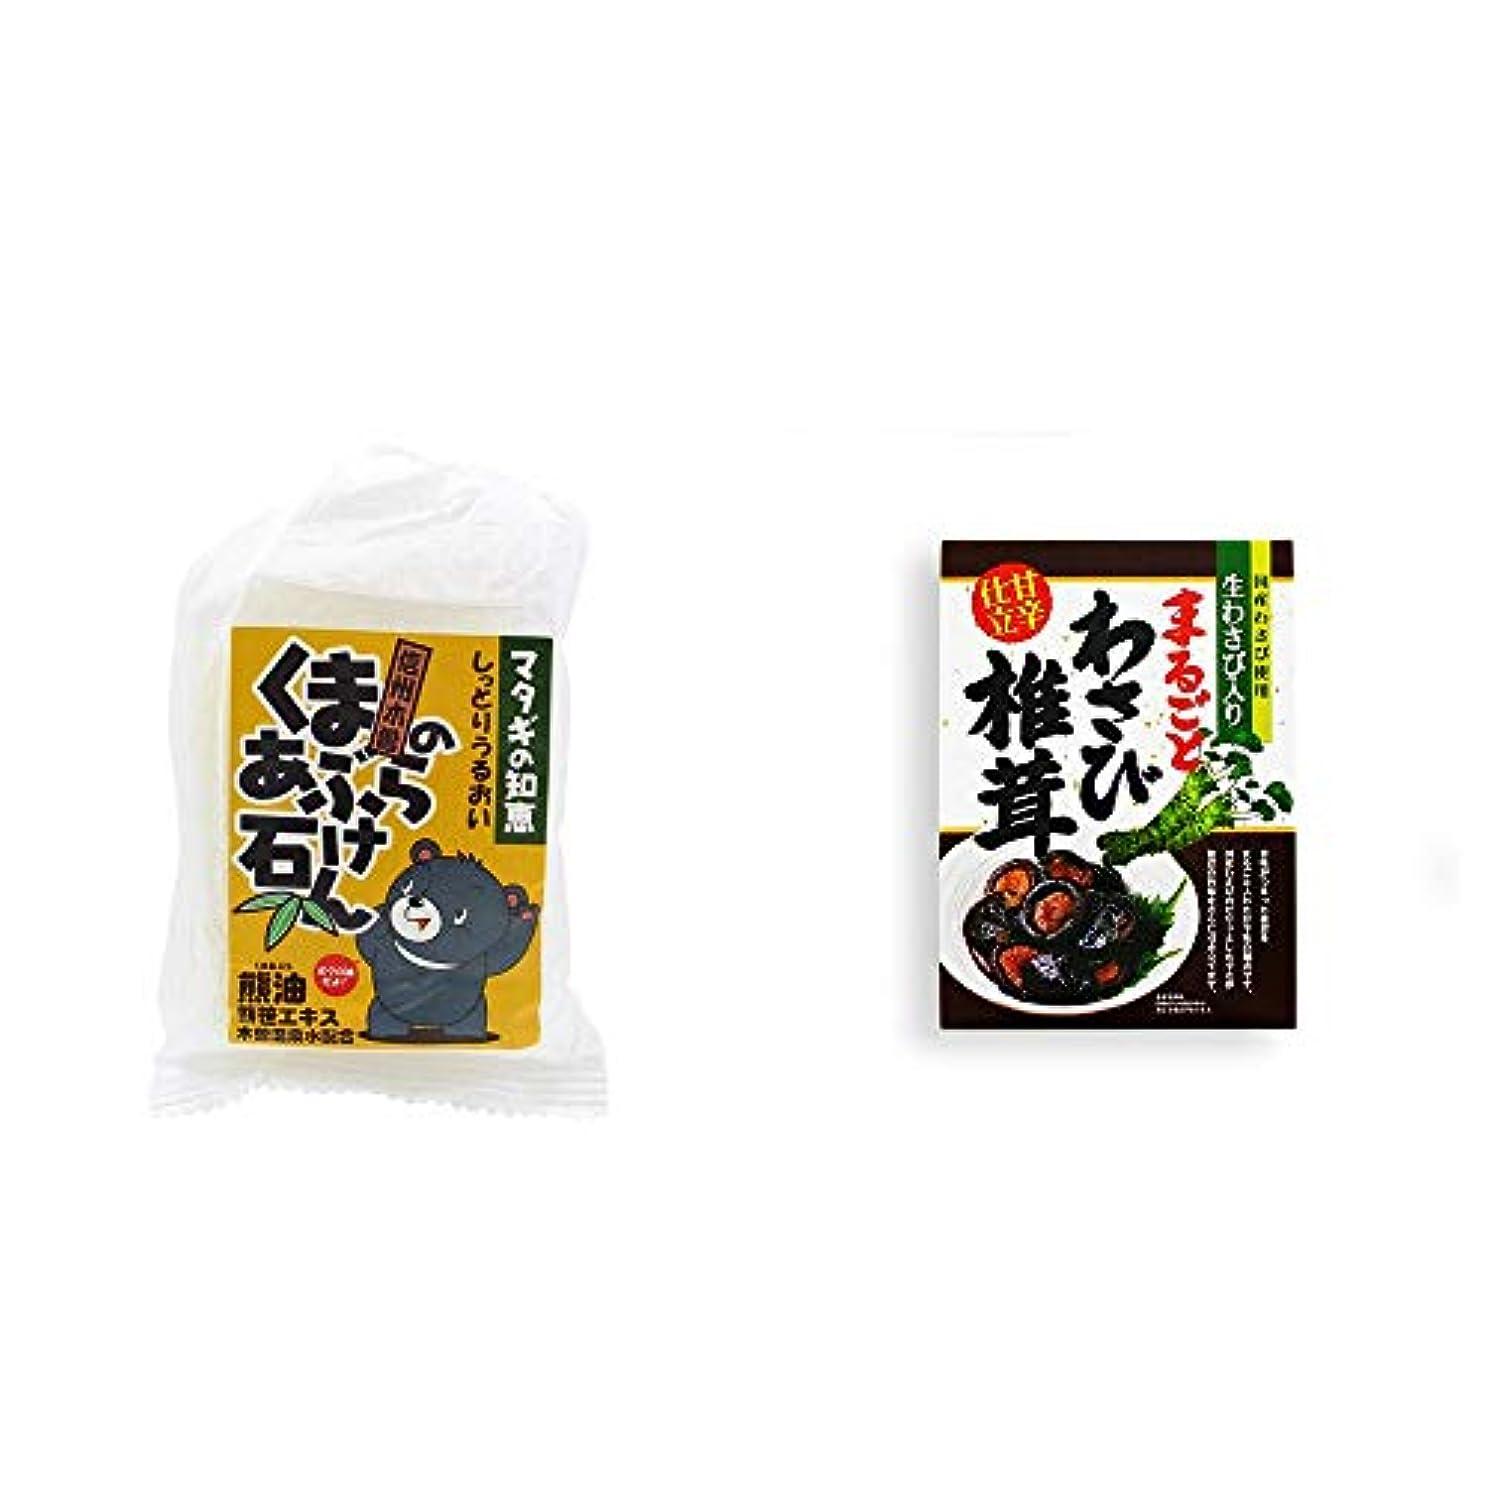 摂氏度パーティー酸化物[2点セット] 信州木曽 くまのあぶら石けん(80g)?まるごとわさび椎茸(200g)